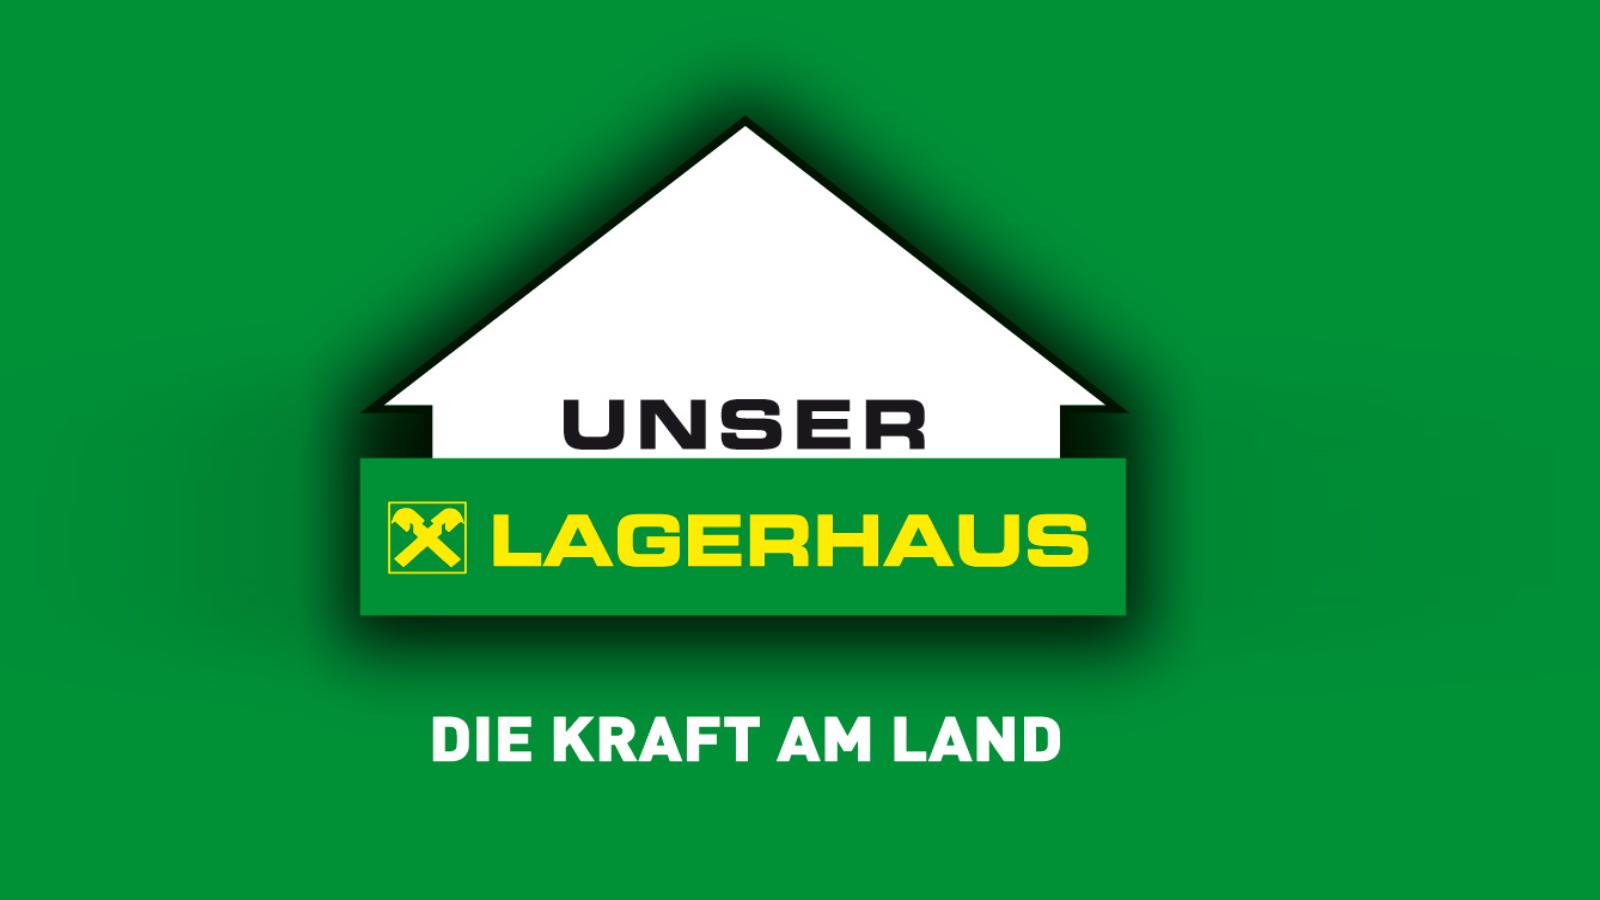 lagerhaus_01_1600x900